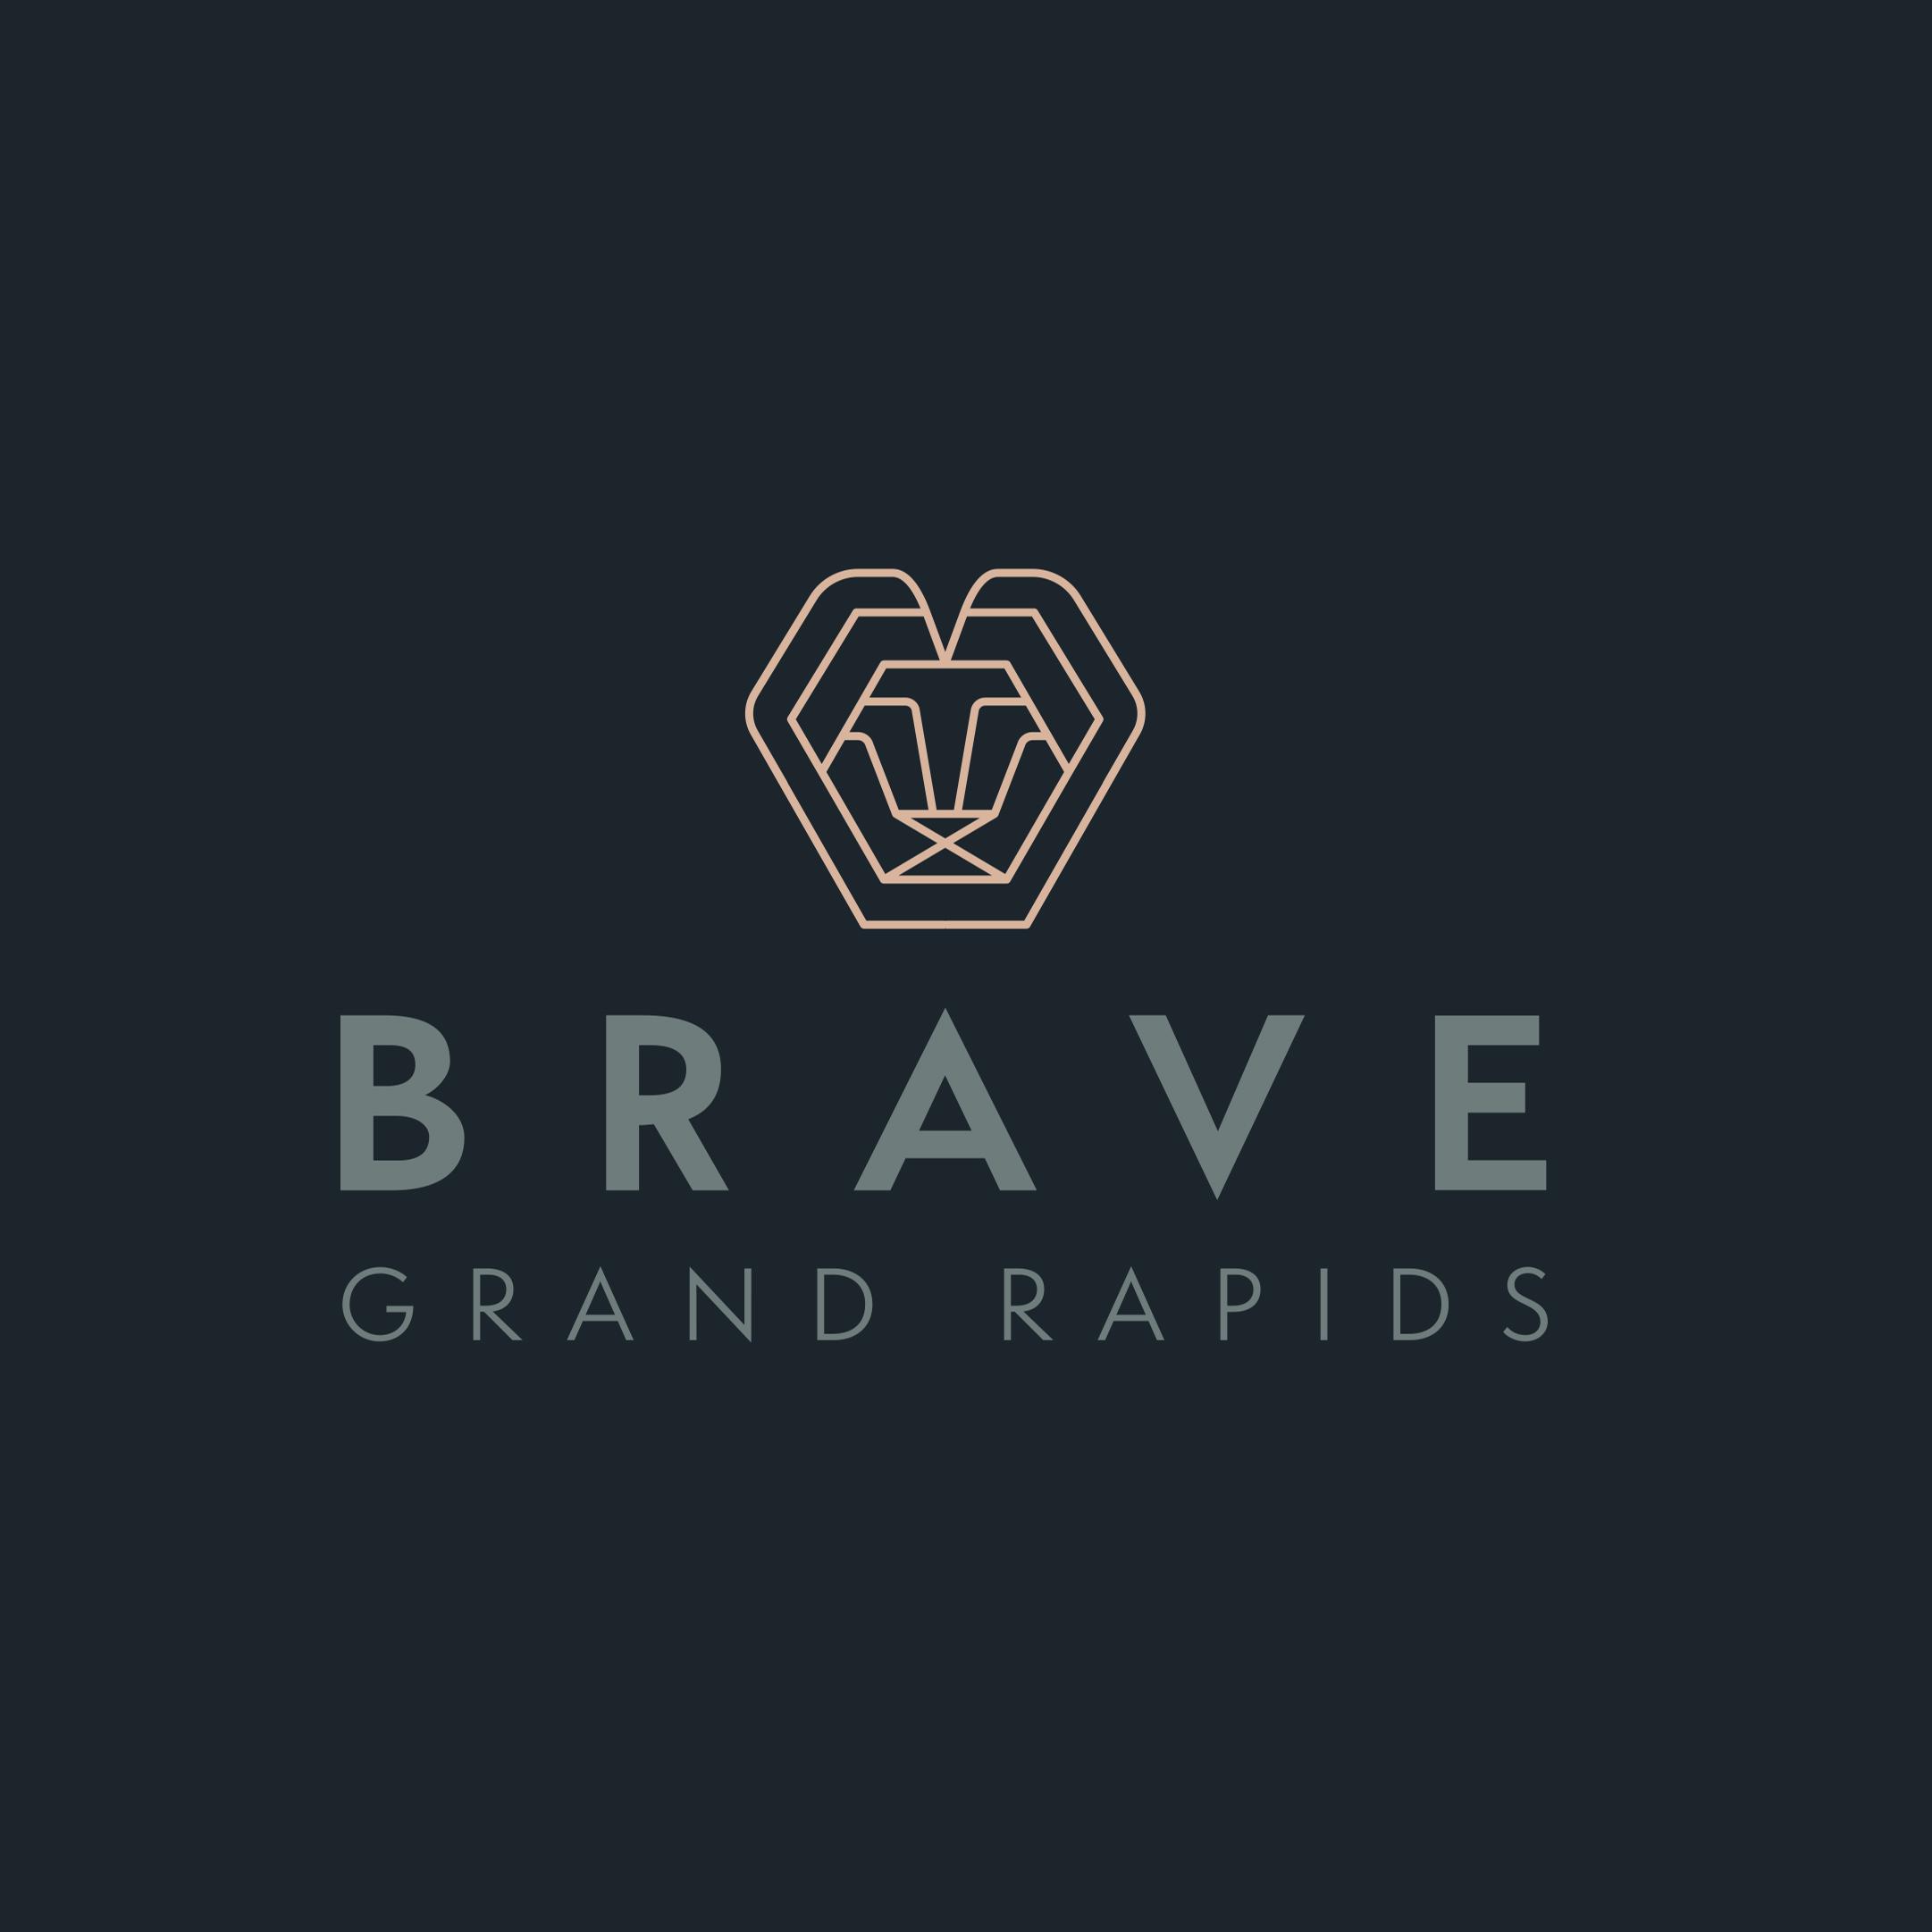 BRAVE GRAND RAPIDS